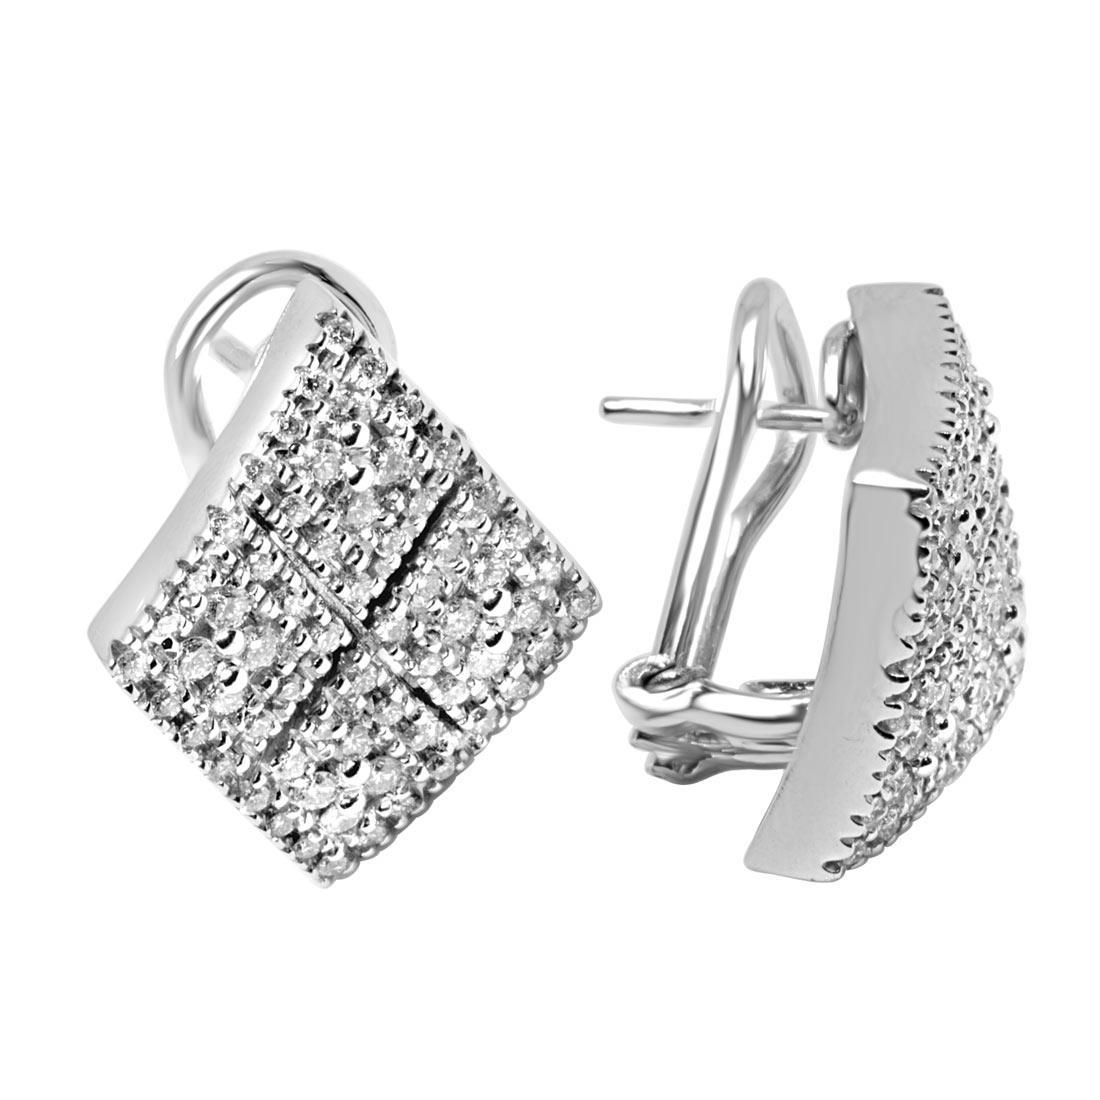 Orecchini in oro bianco con diamanti ct 1.01 - ALFIERI & ST. JOHN